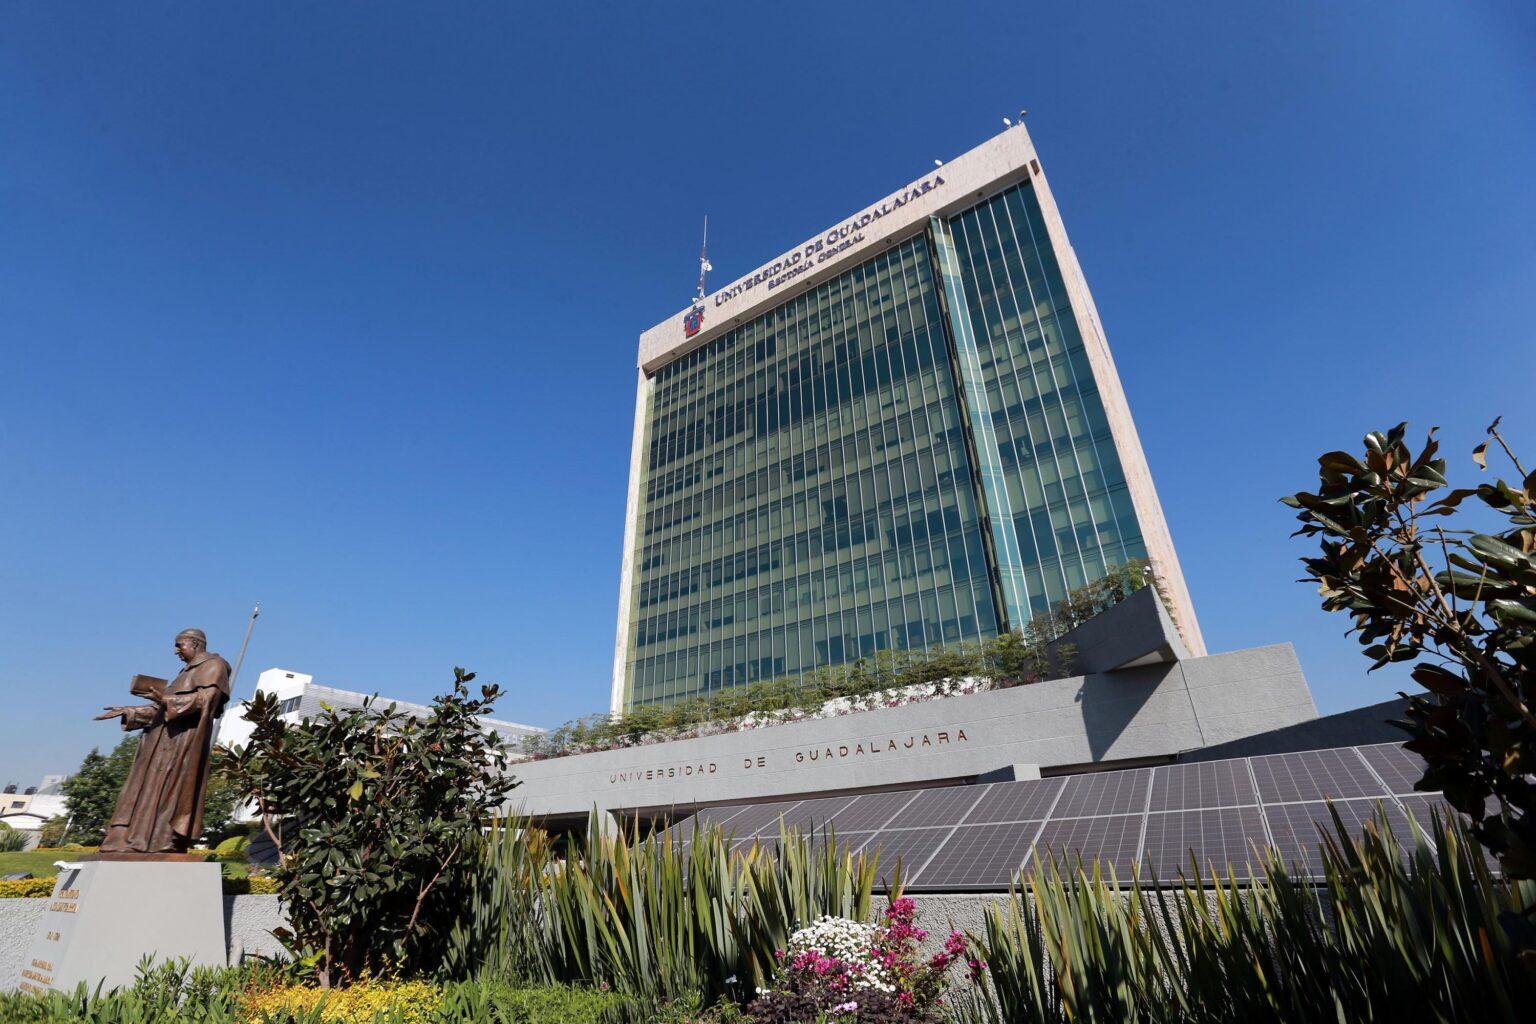 Fachada del edificio de Rectoria General de la Universidad de Guadalajara